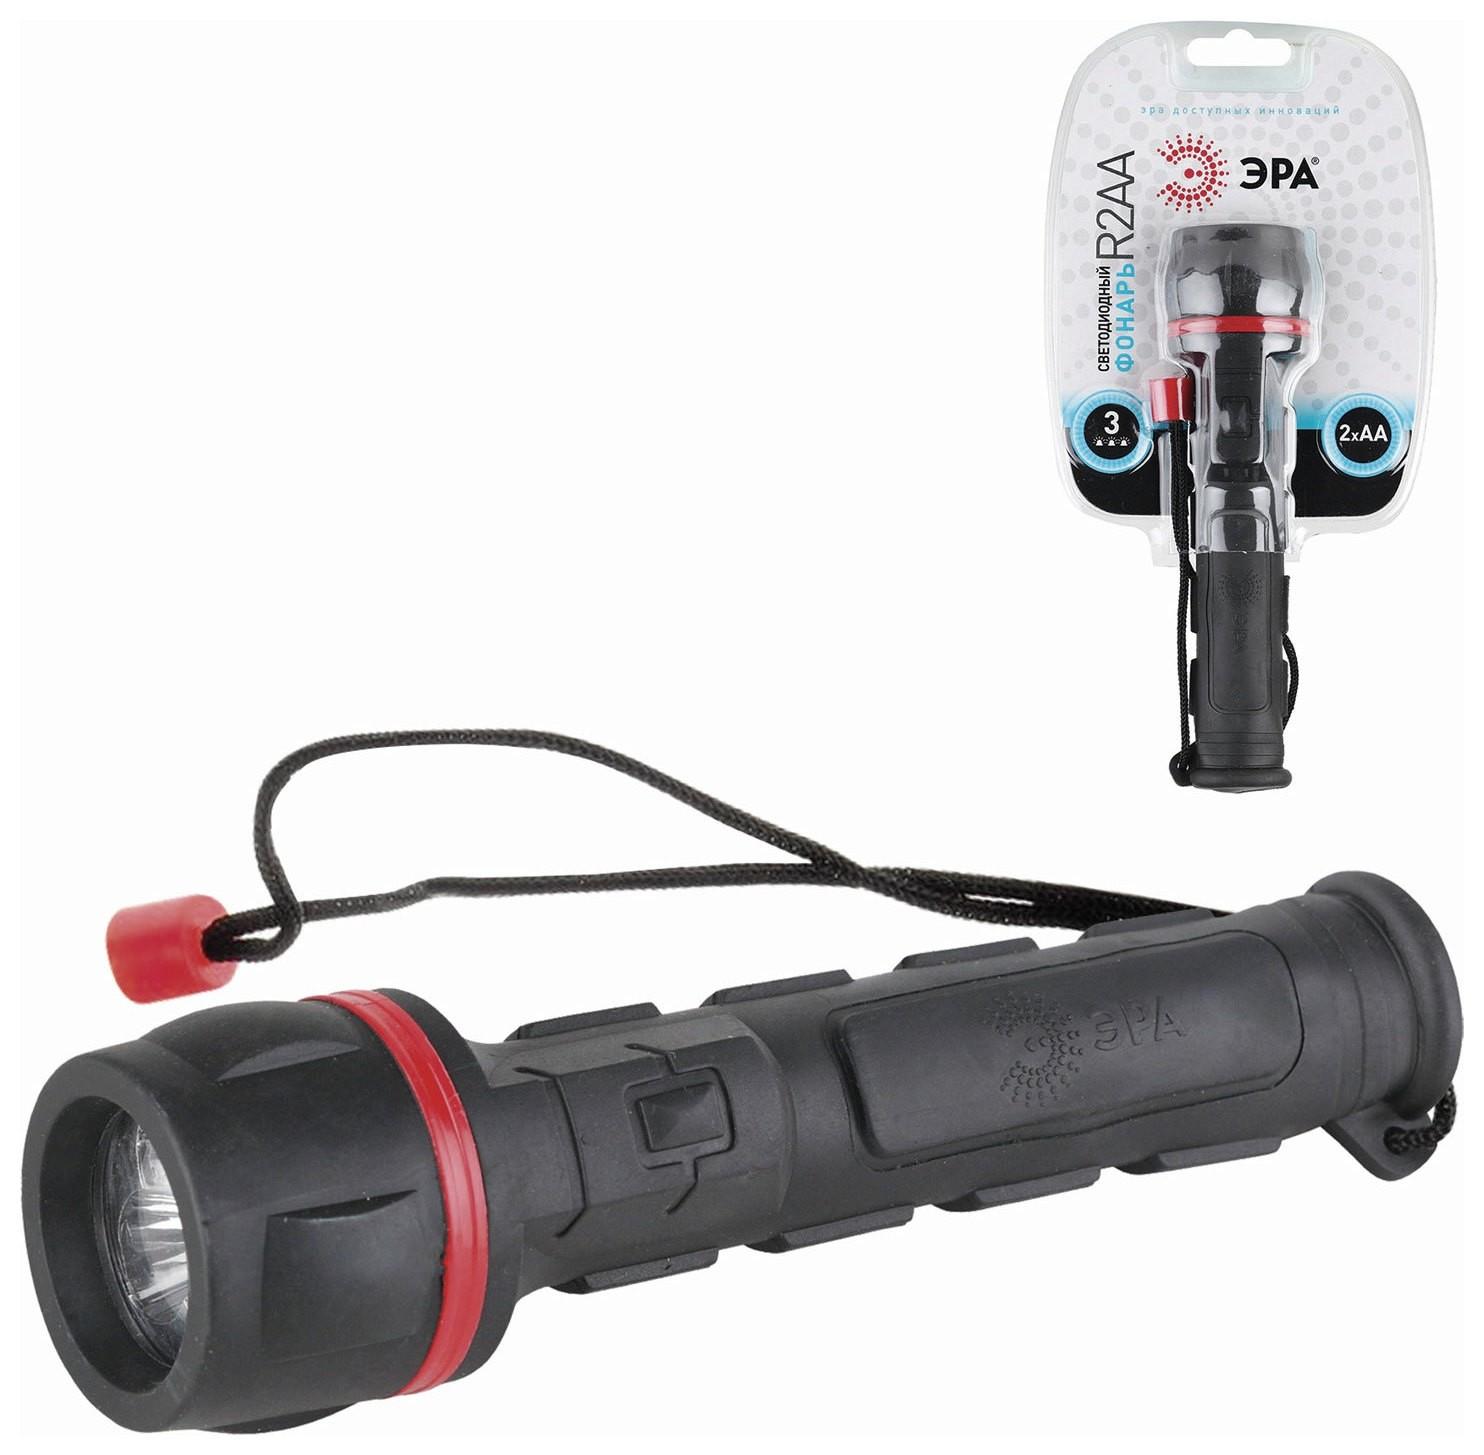 Фонарь светодиодный ЭРА R2AA, 3 x LED, обрезиненный корпус, питание 2xAA (в комплект не входят)  Эра